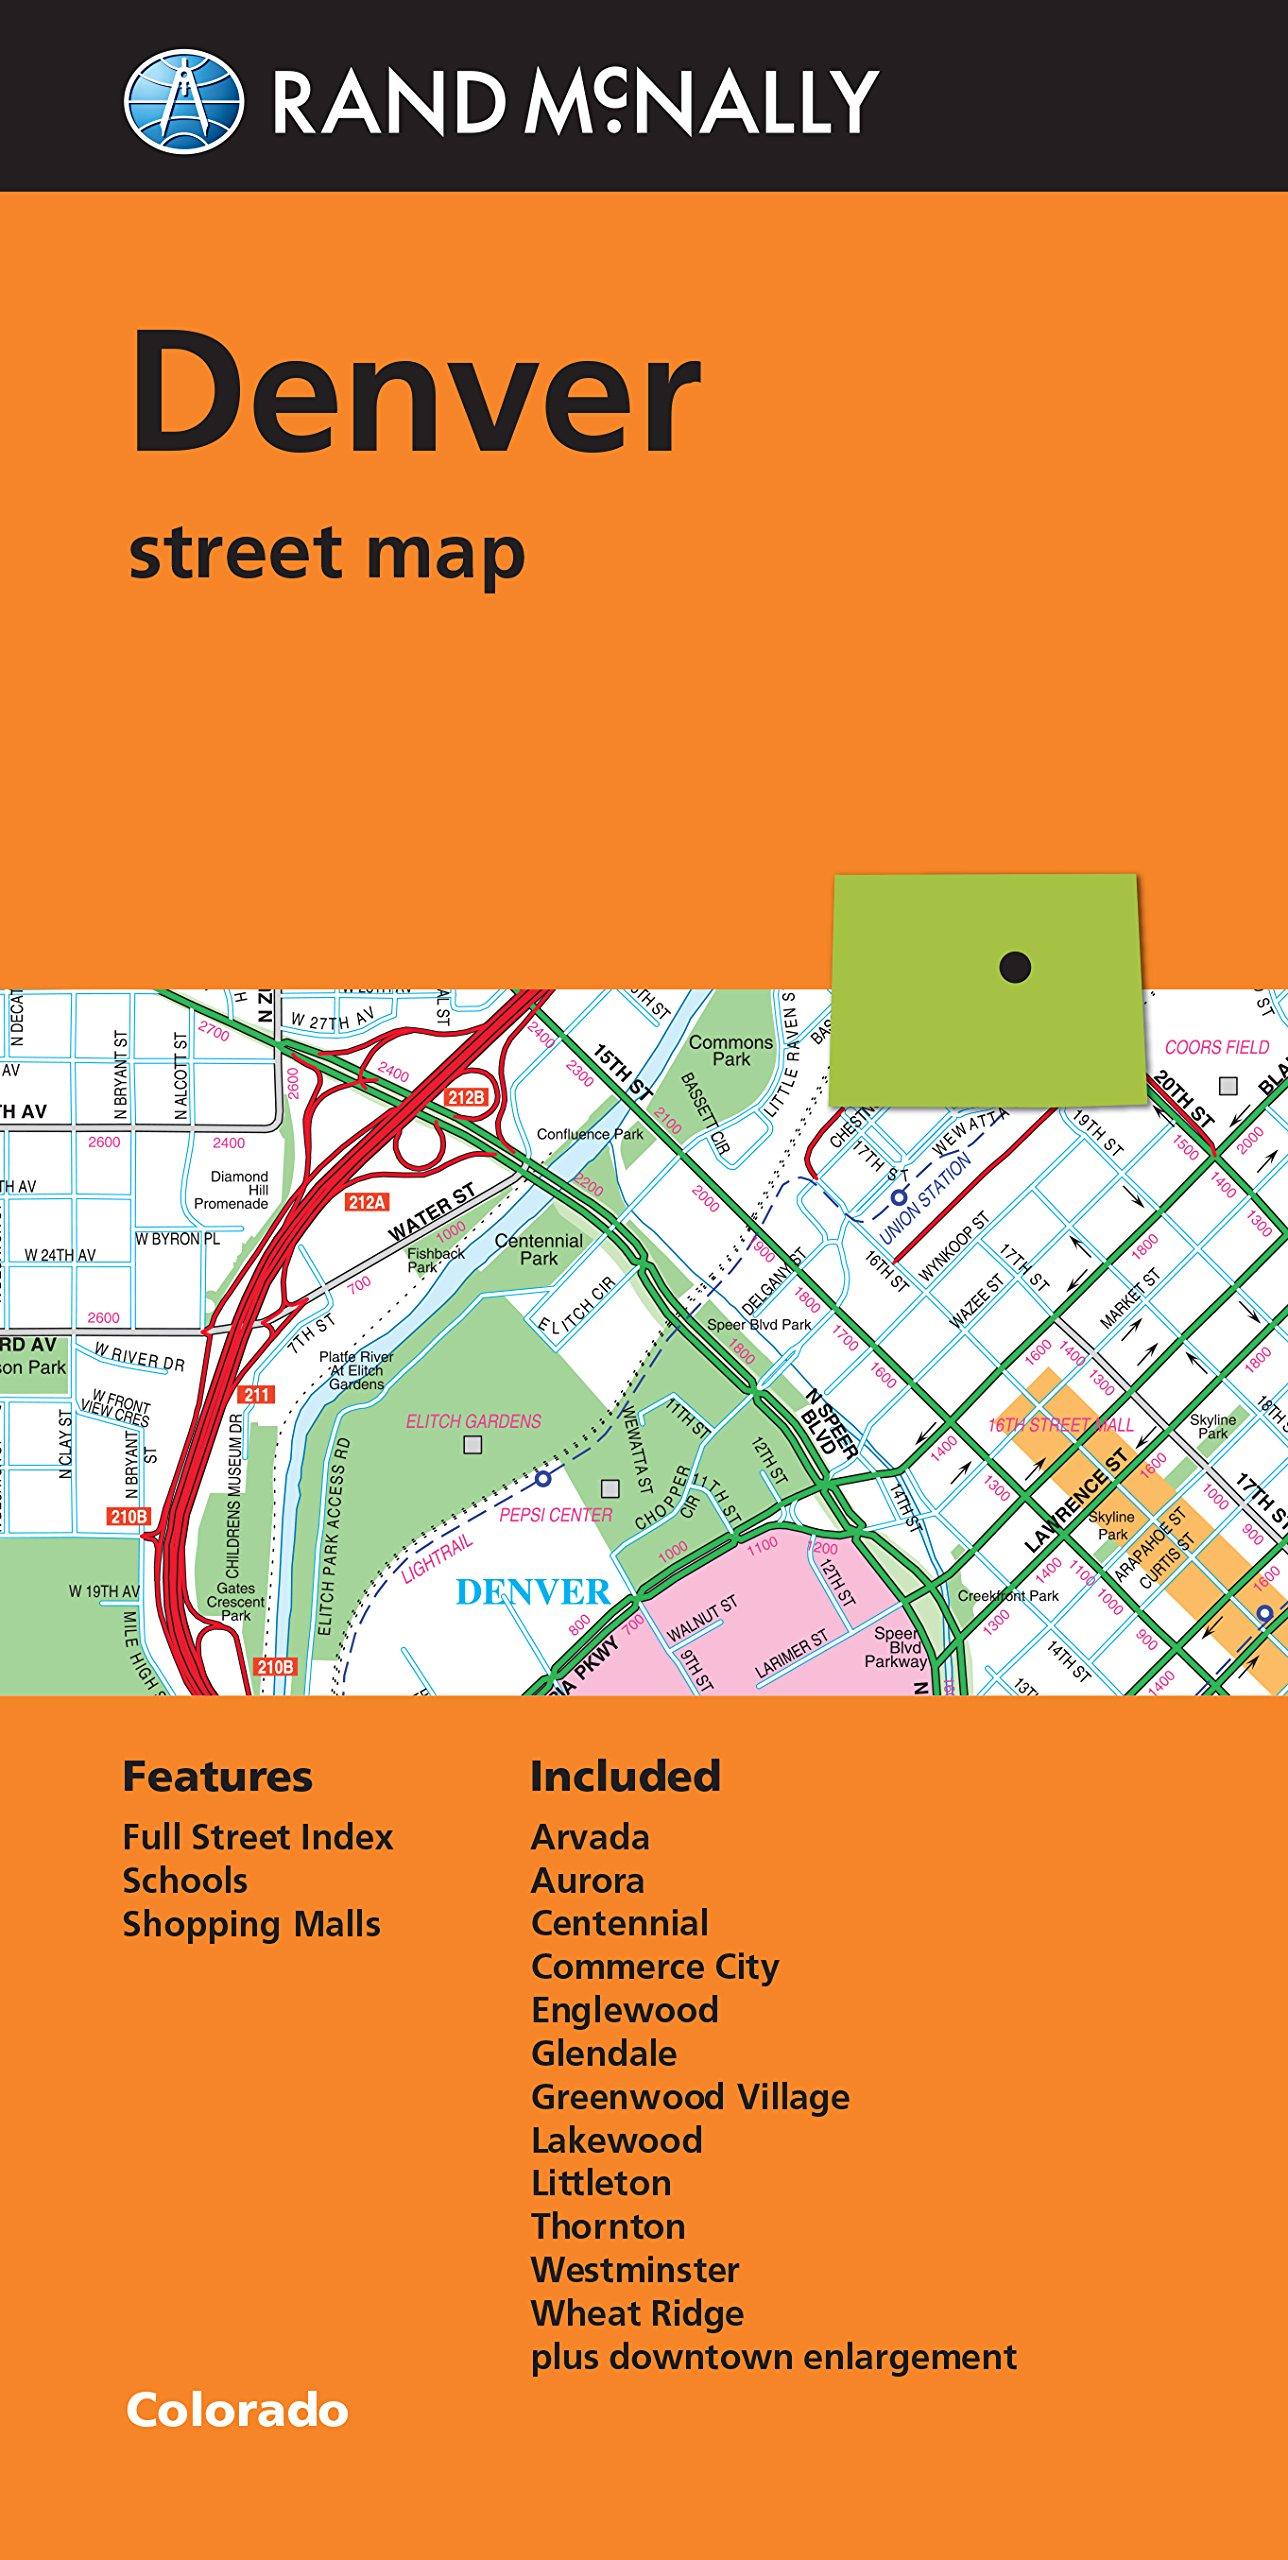 Folded Map Denver Street Map Rand Mcnally 9780528008870 Amazon